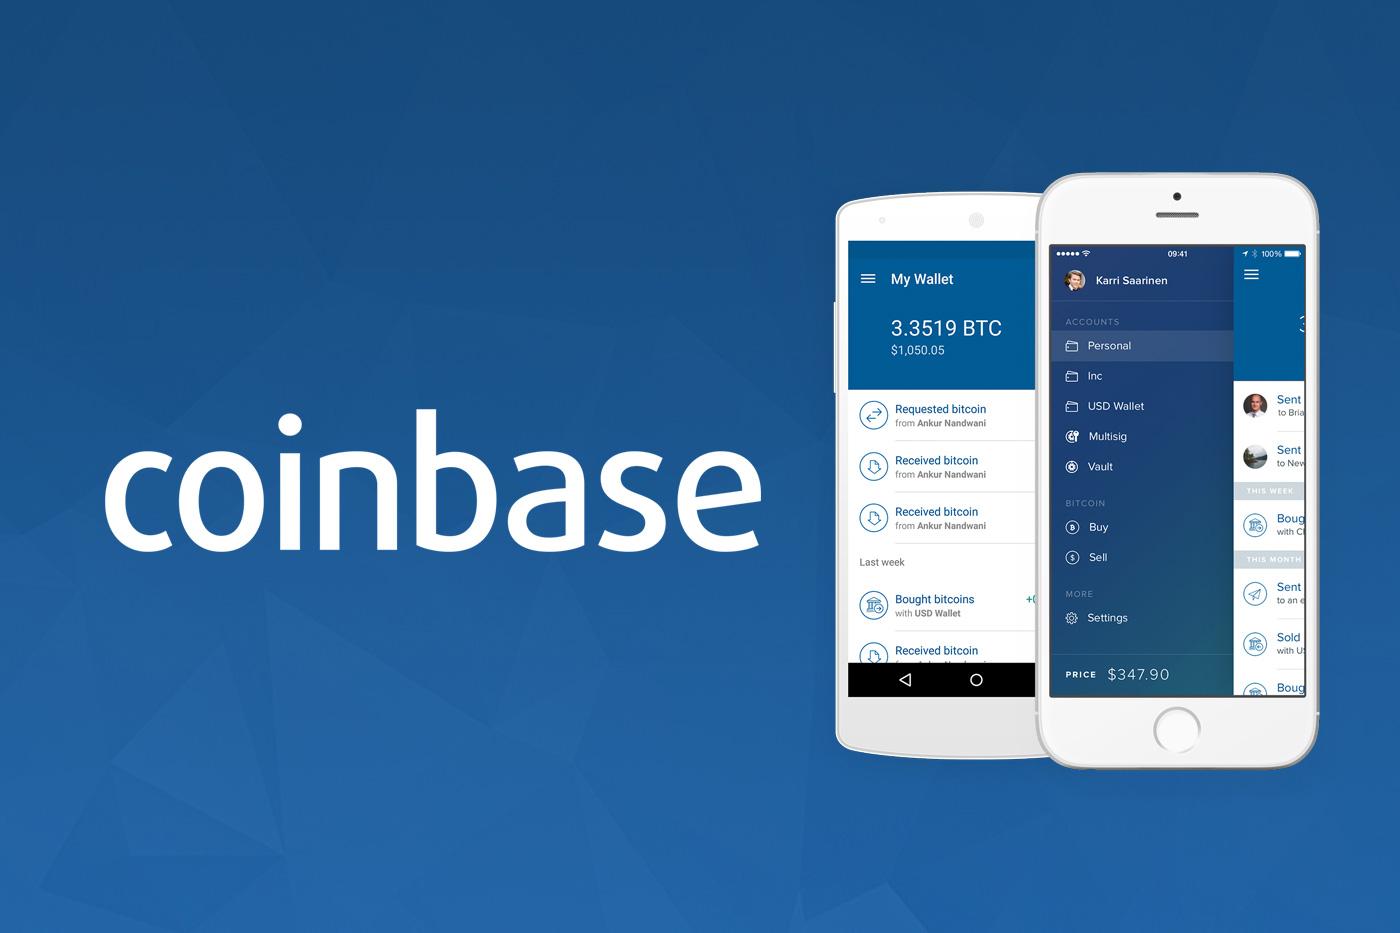 Пользователи приложения Coinbase теперь могут отправлять криптовалюту на адреса кошелька ETH